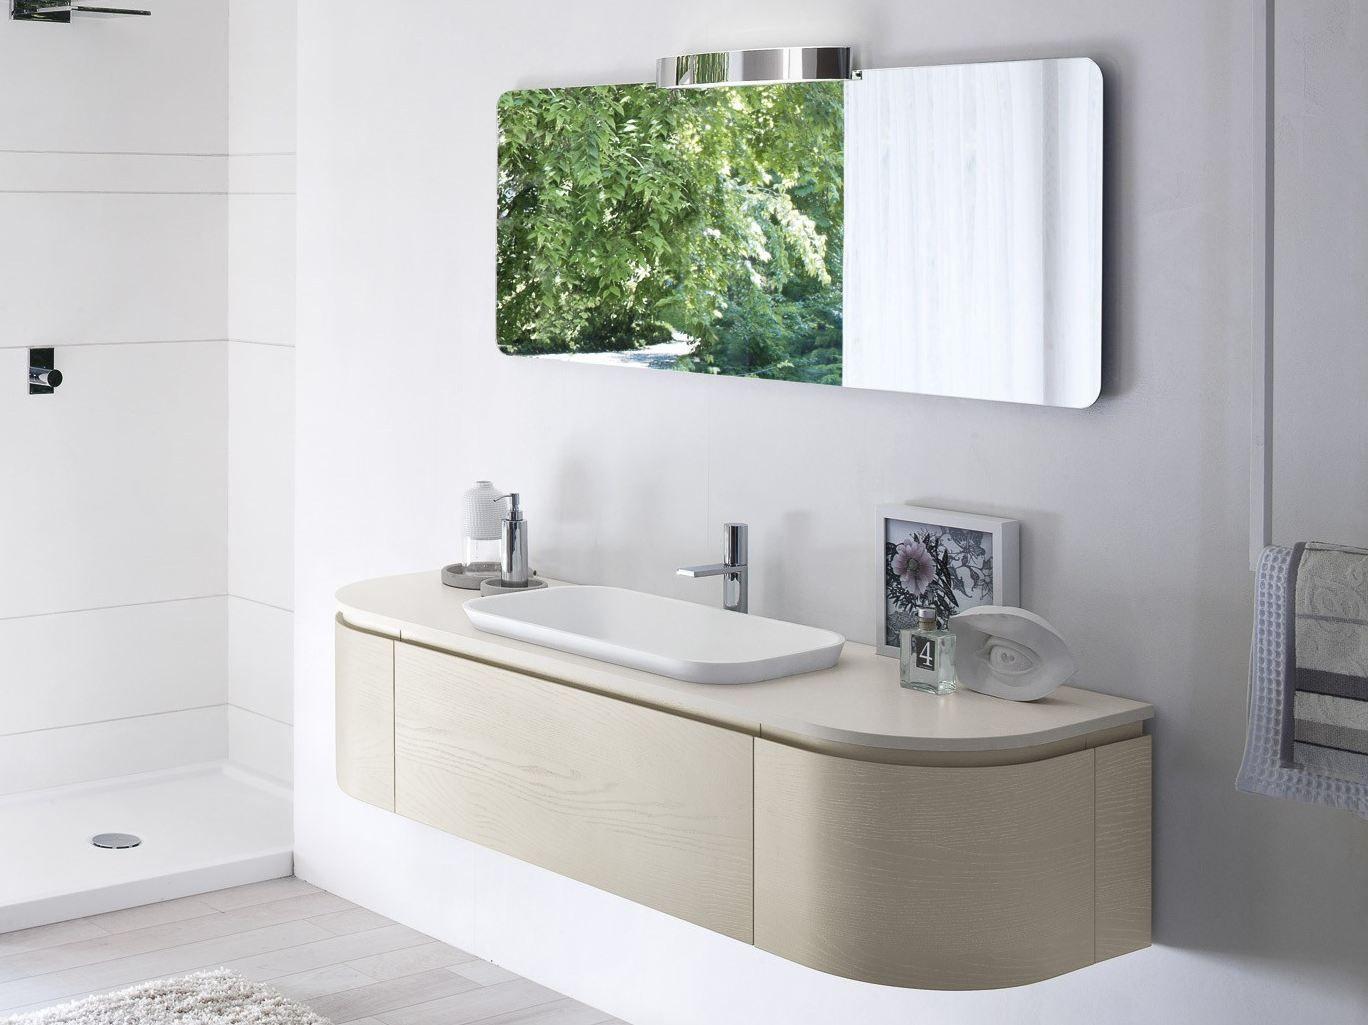 smyle comp 01 | mobile lavabo by idea - Arredo Bagno Pozzuoli